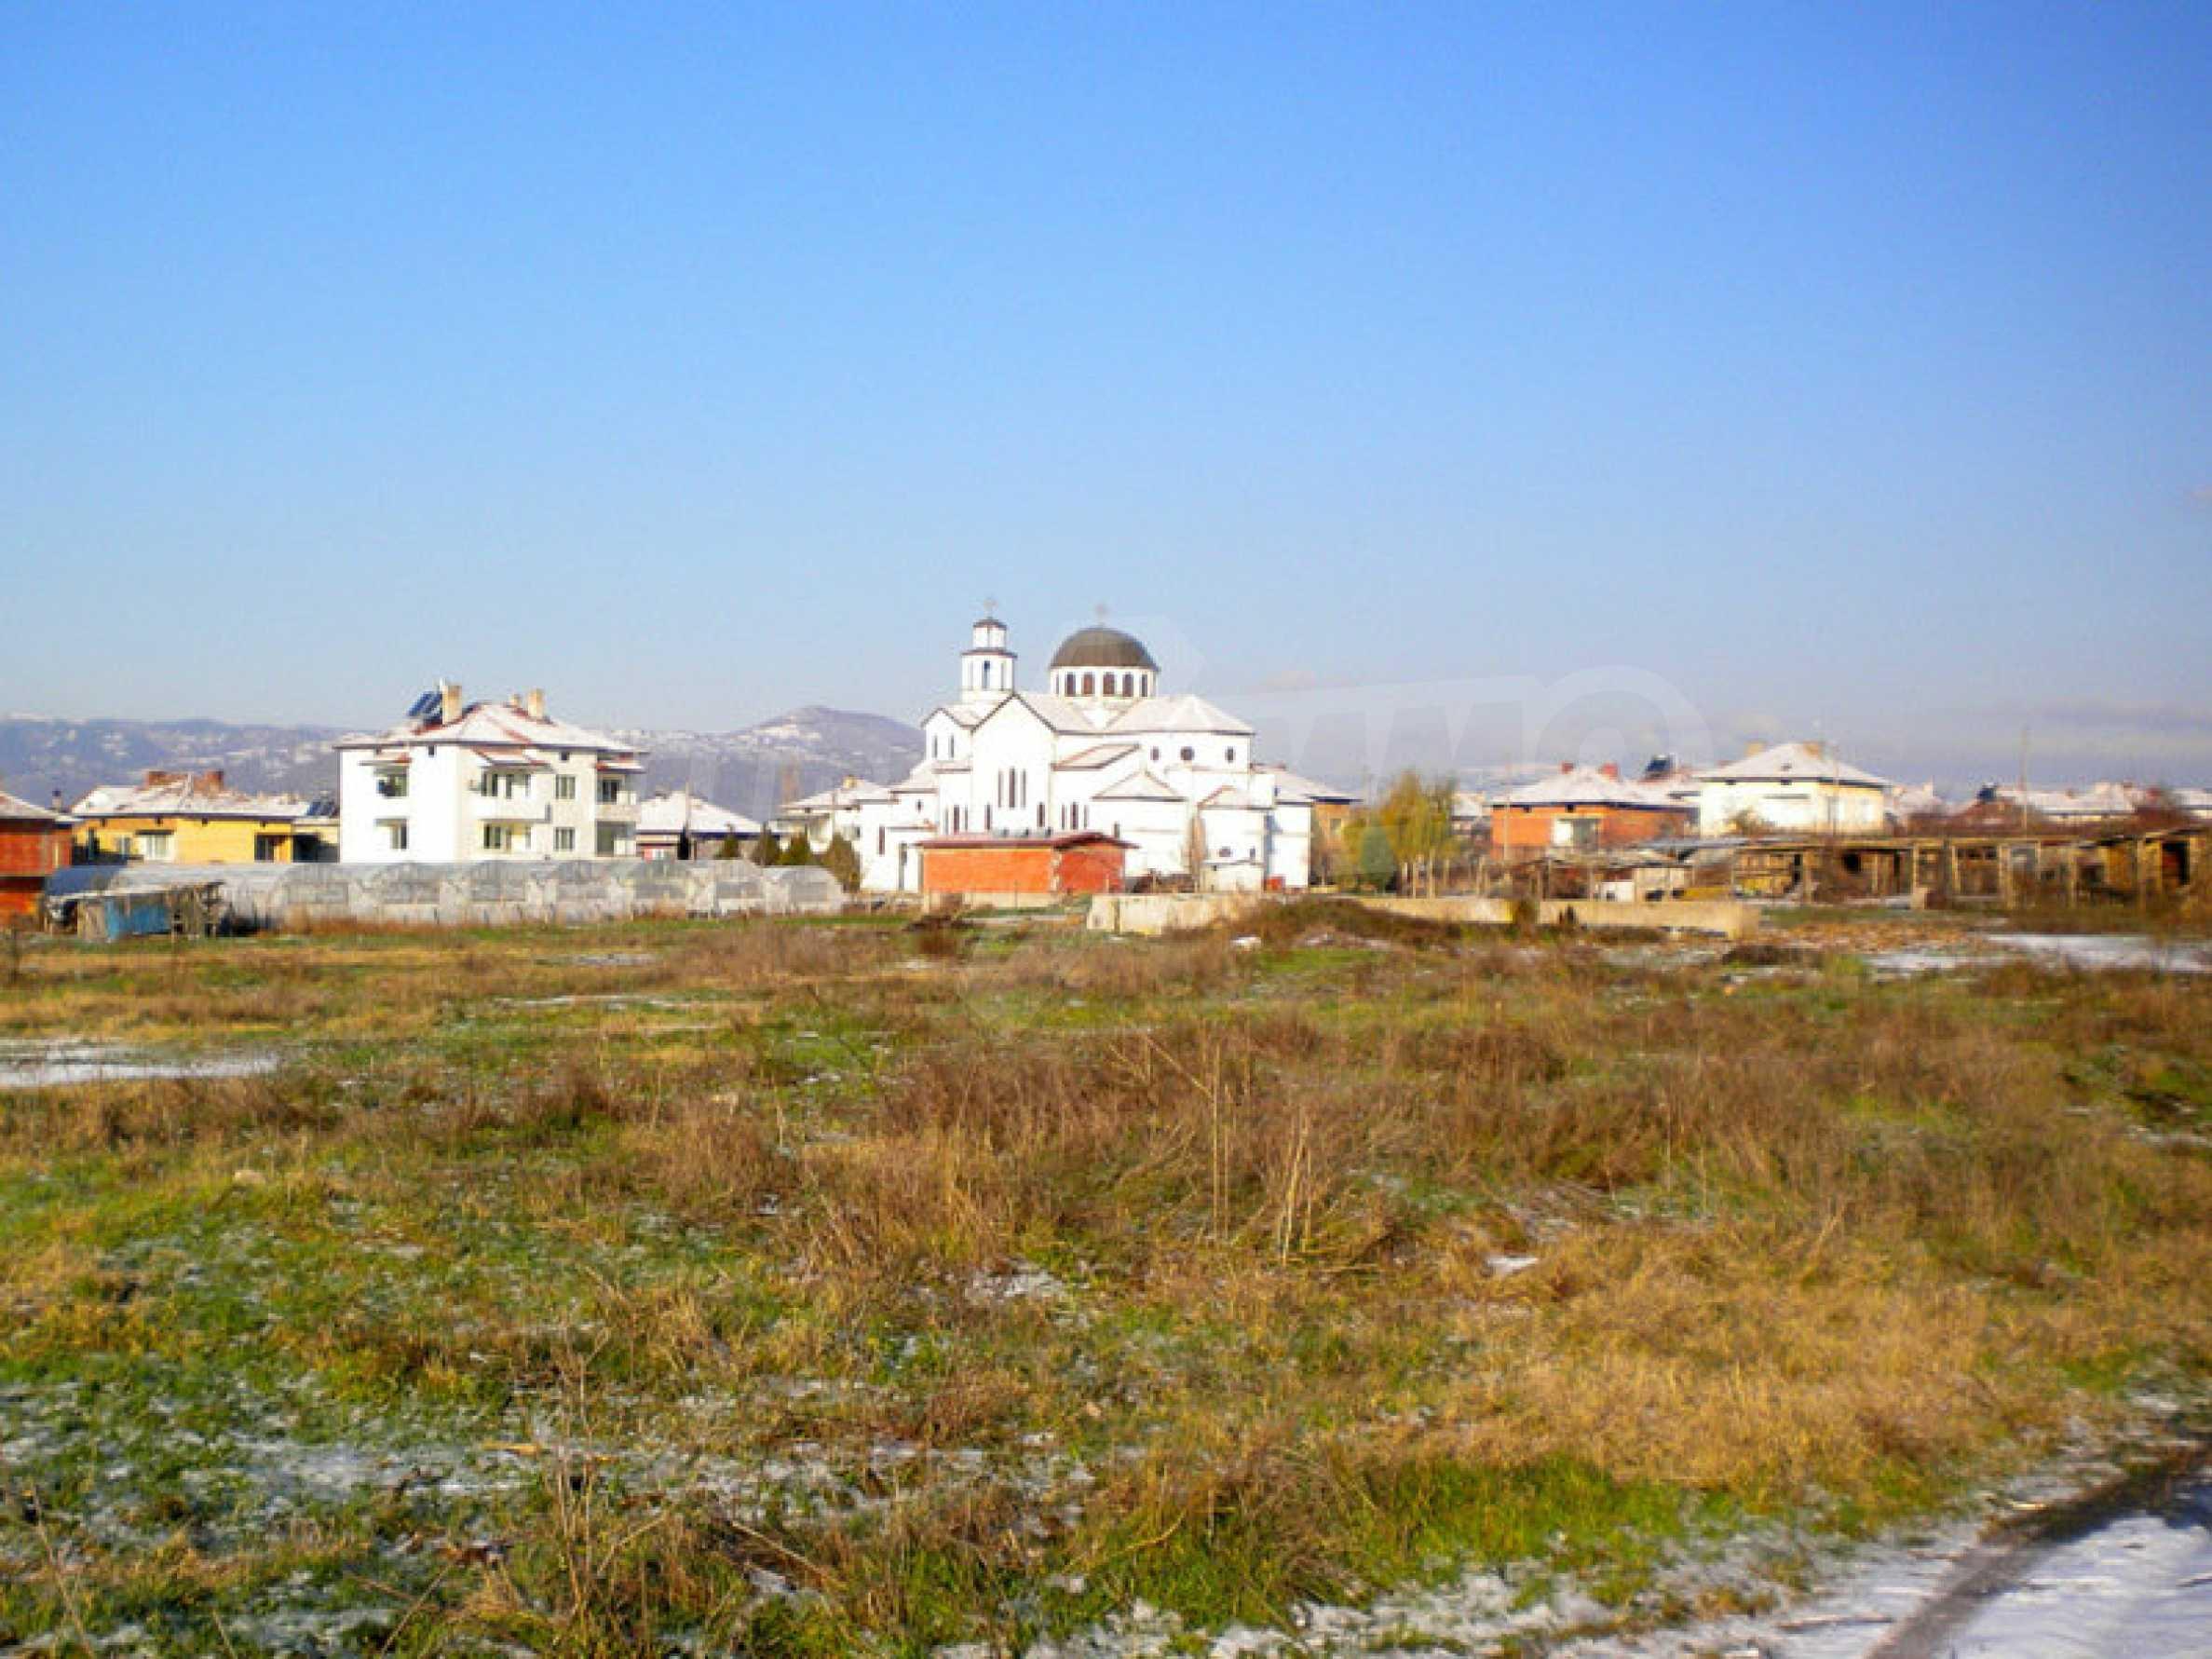 Rural plot for sale near the spa resort of Sandanski 2